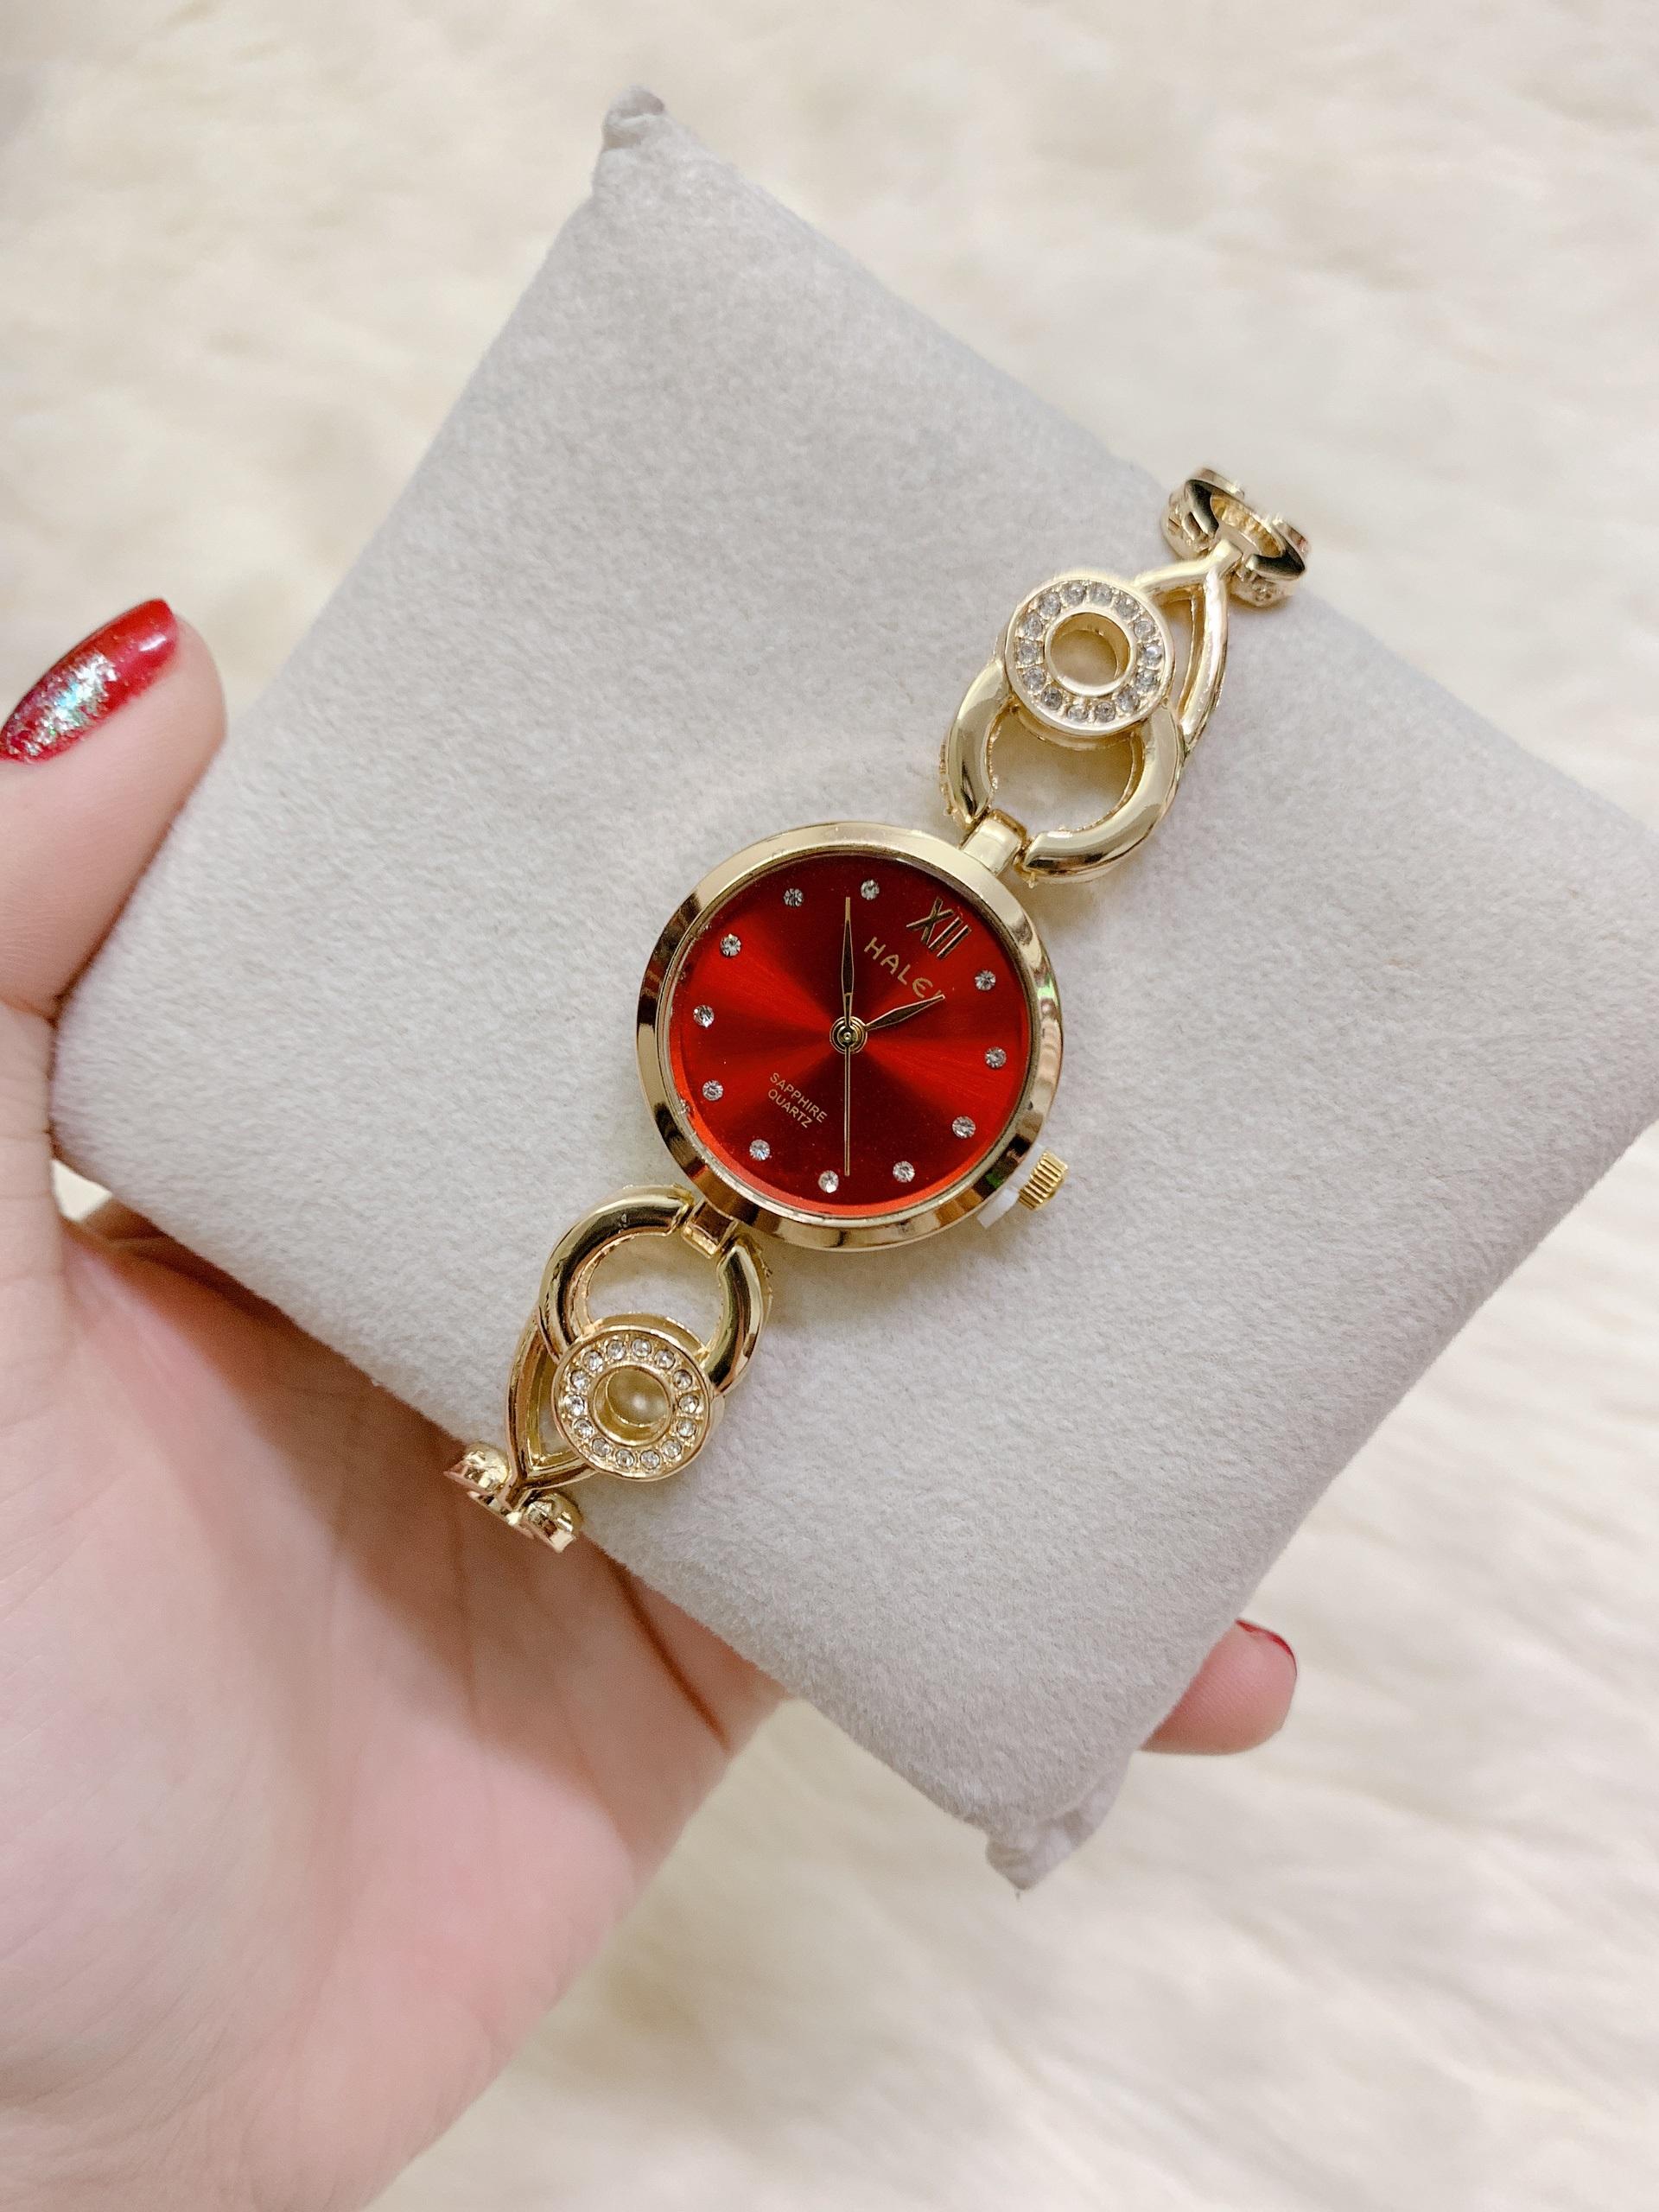 Đồng hồ nữ Halei dây lắc - Mặt đỏ ( tặng kèm móc khóa gỗ Đồng hồ 888+  + hộp chính hãng )